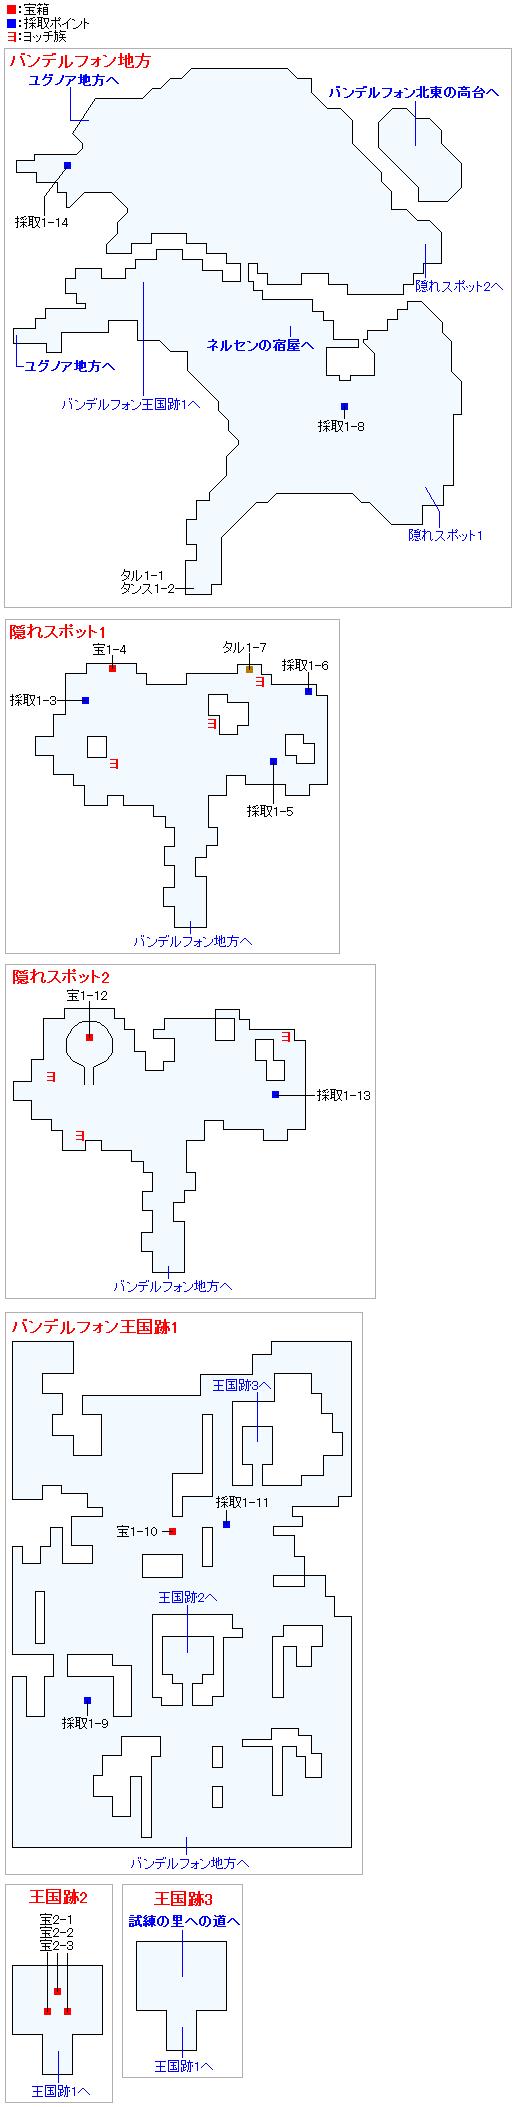 バンデルフォン地方(2Dモード)のマップ画像